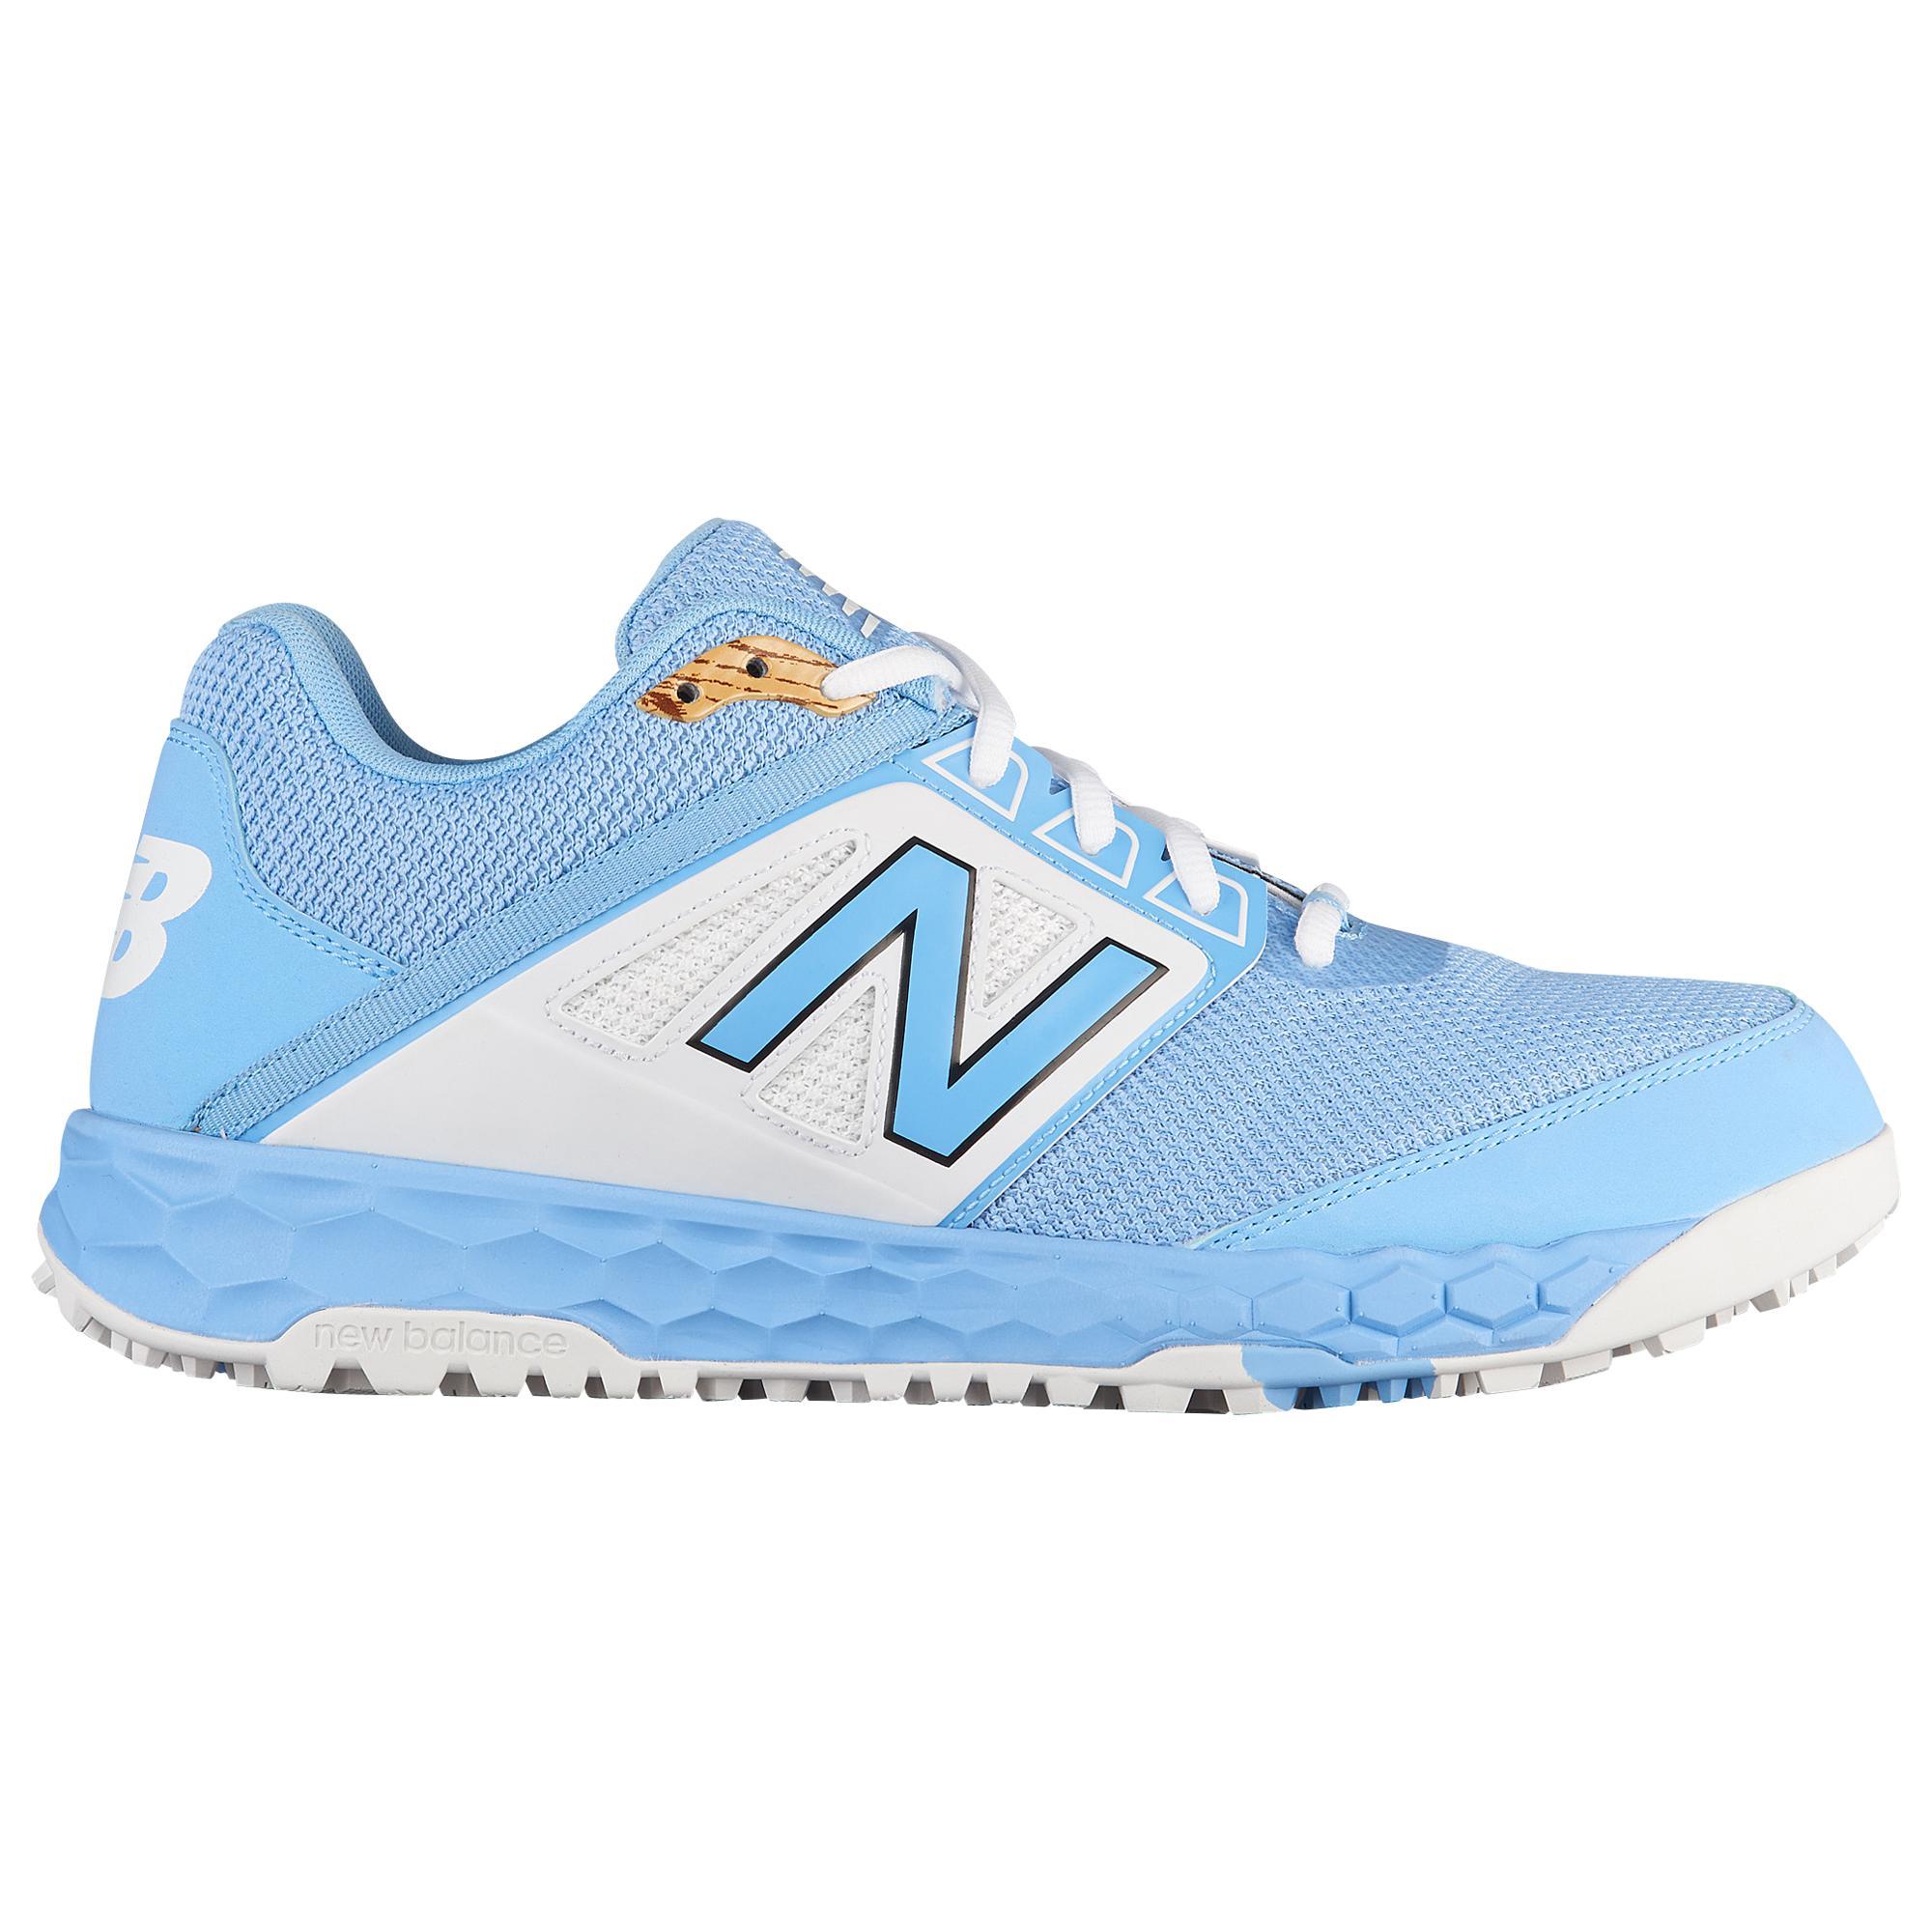 new product 57790 e23bb Men's Blue 3000v4 Turf Turf Shoes